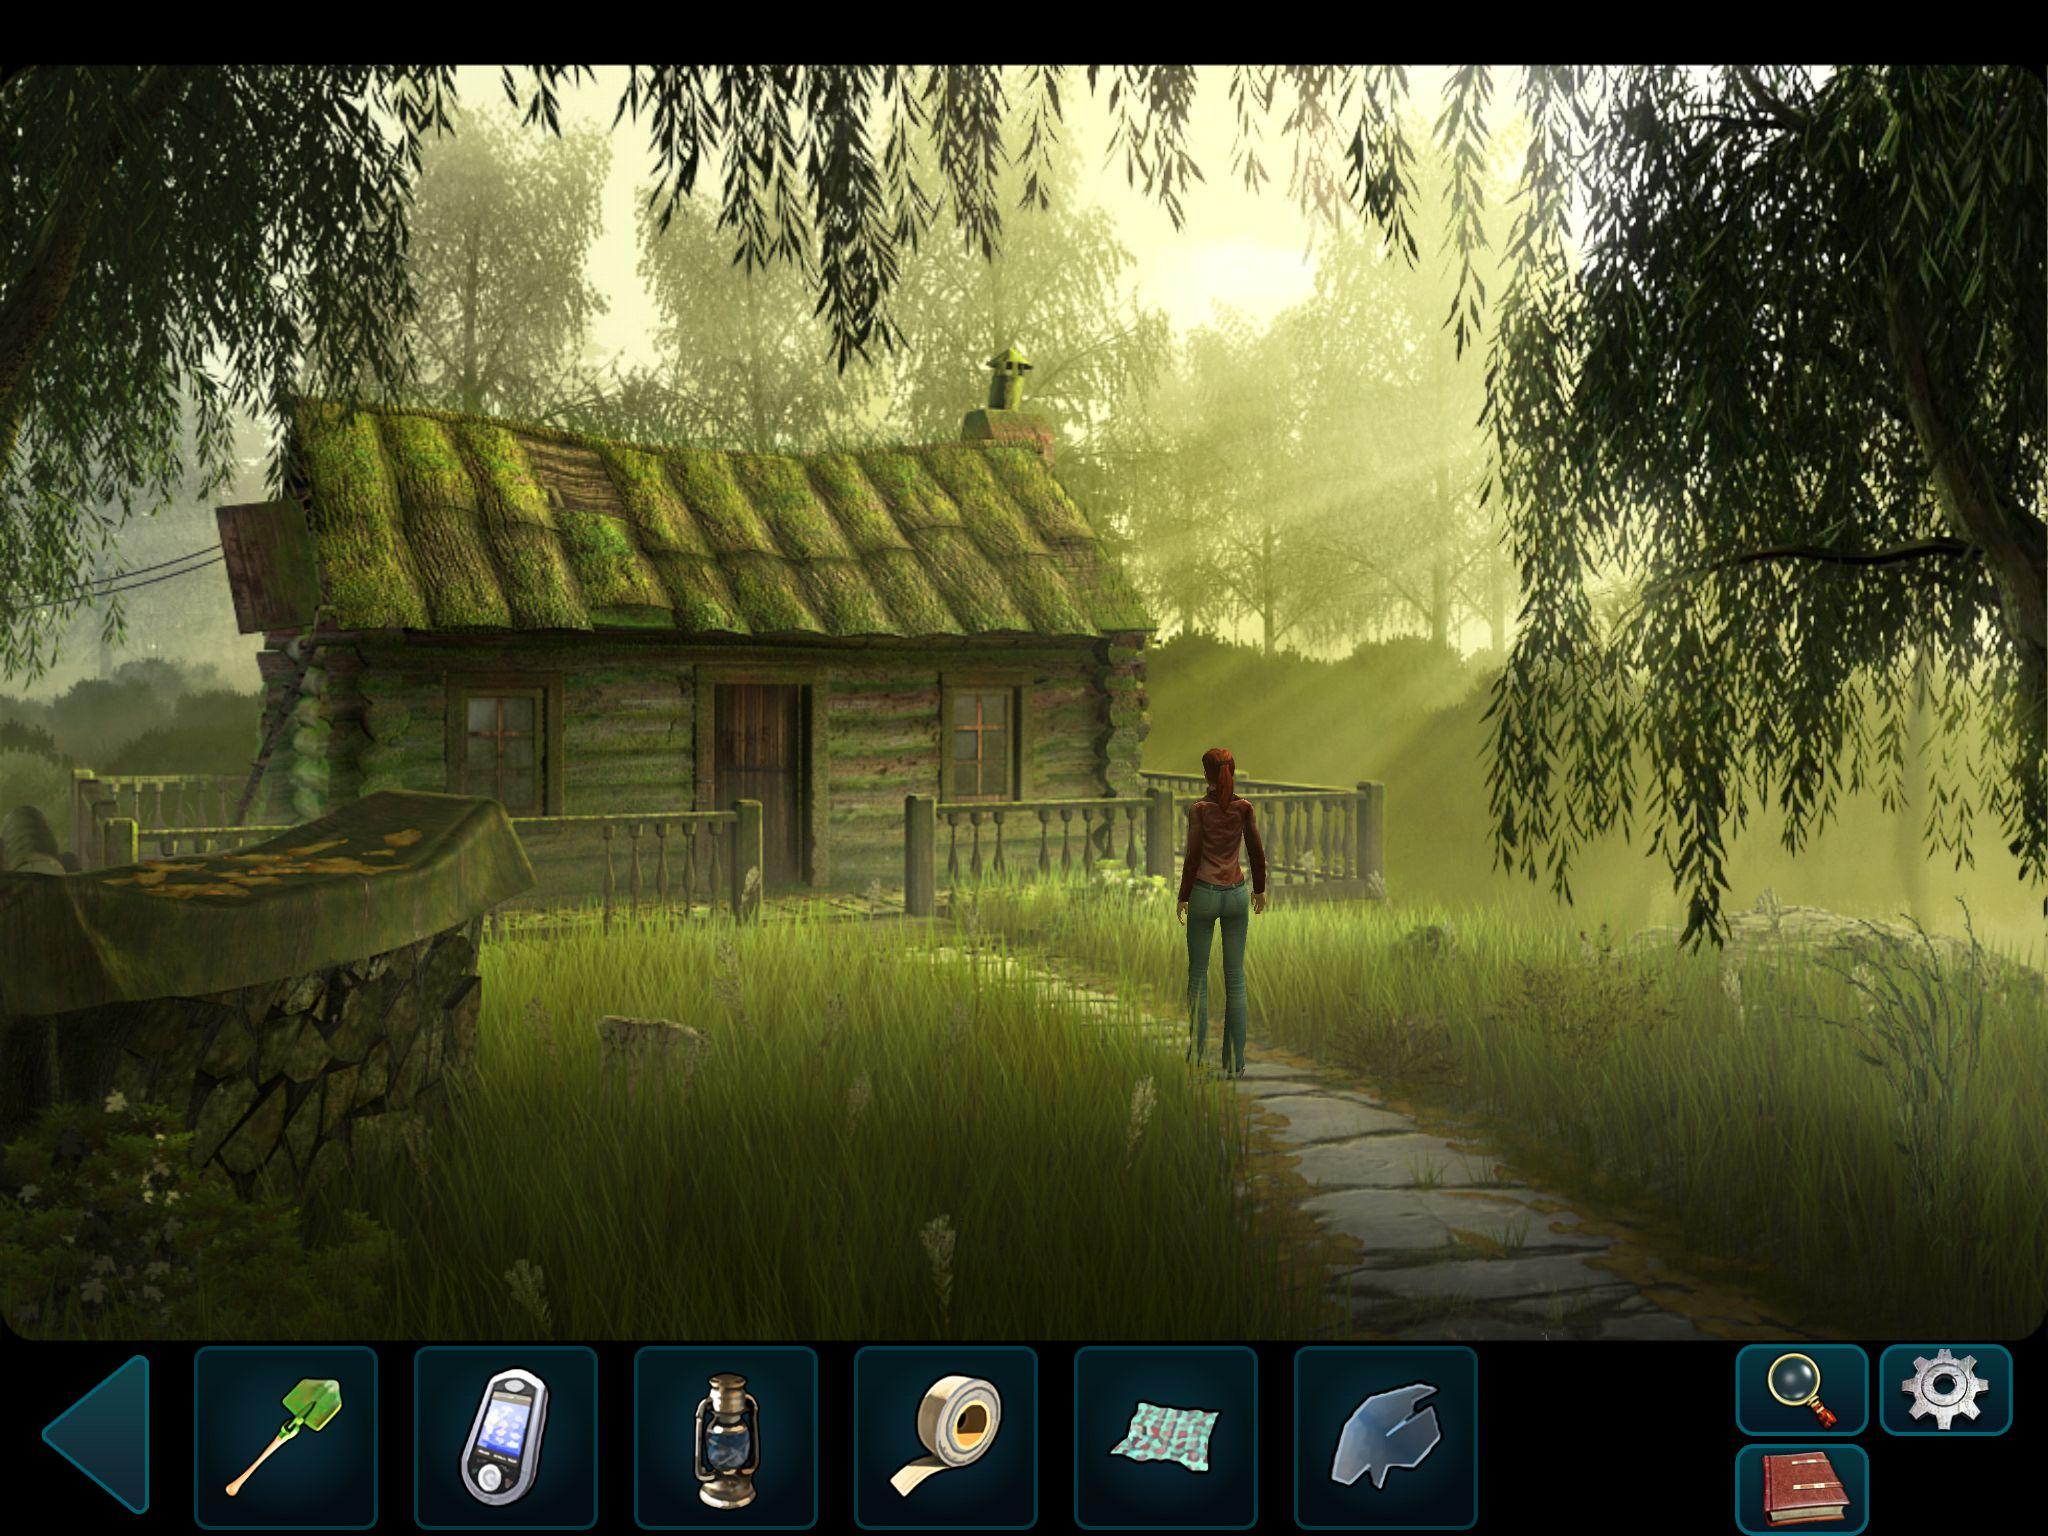 DSFishlabs-GAT-TunguskaHut_iPad